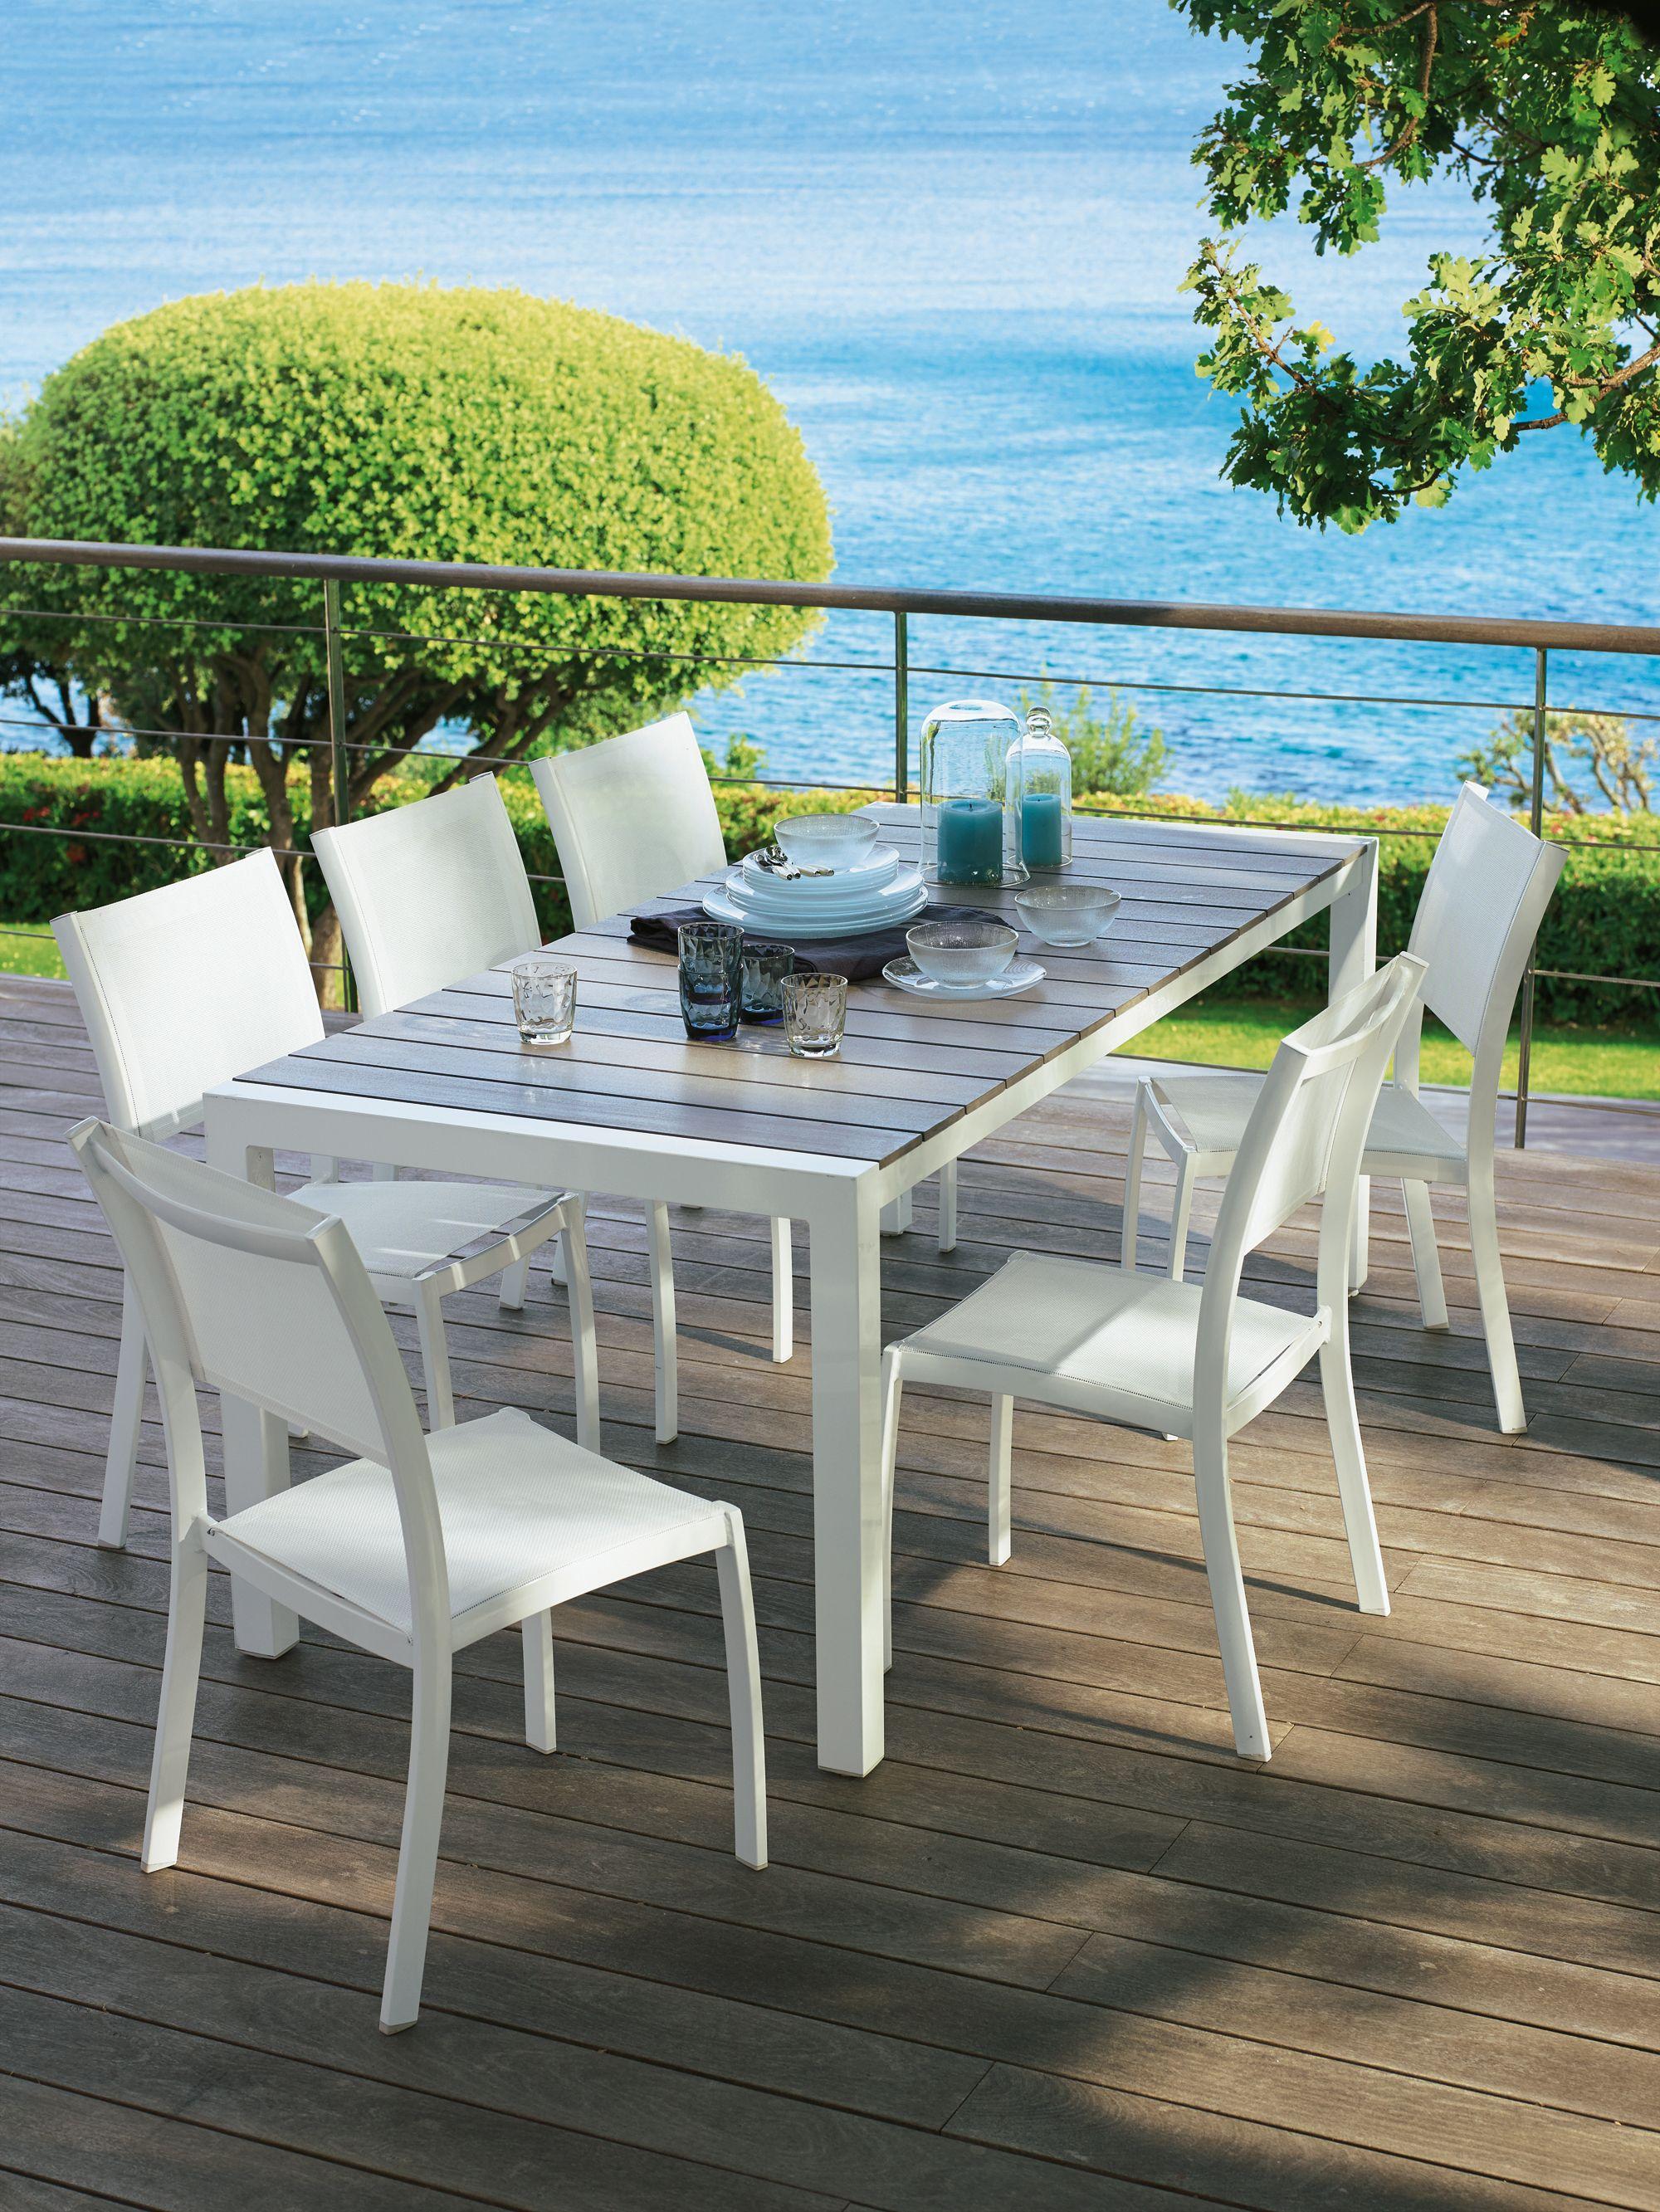 Salon de jardin table ronde leclerc